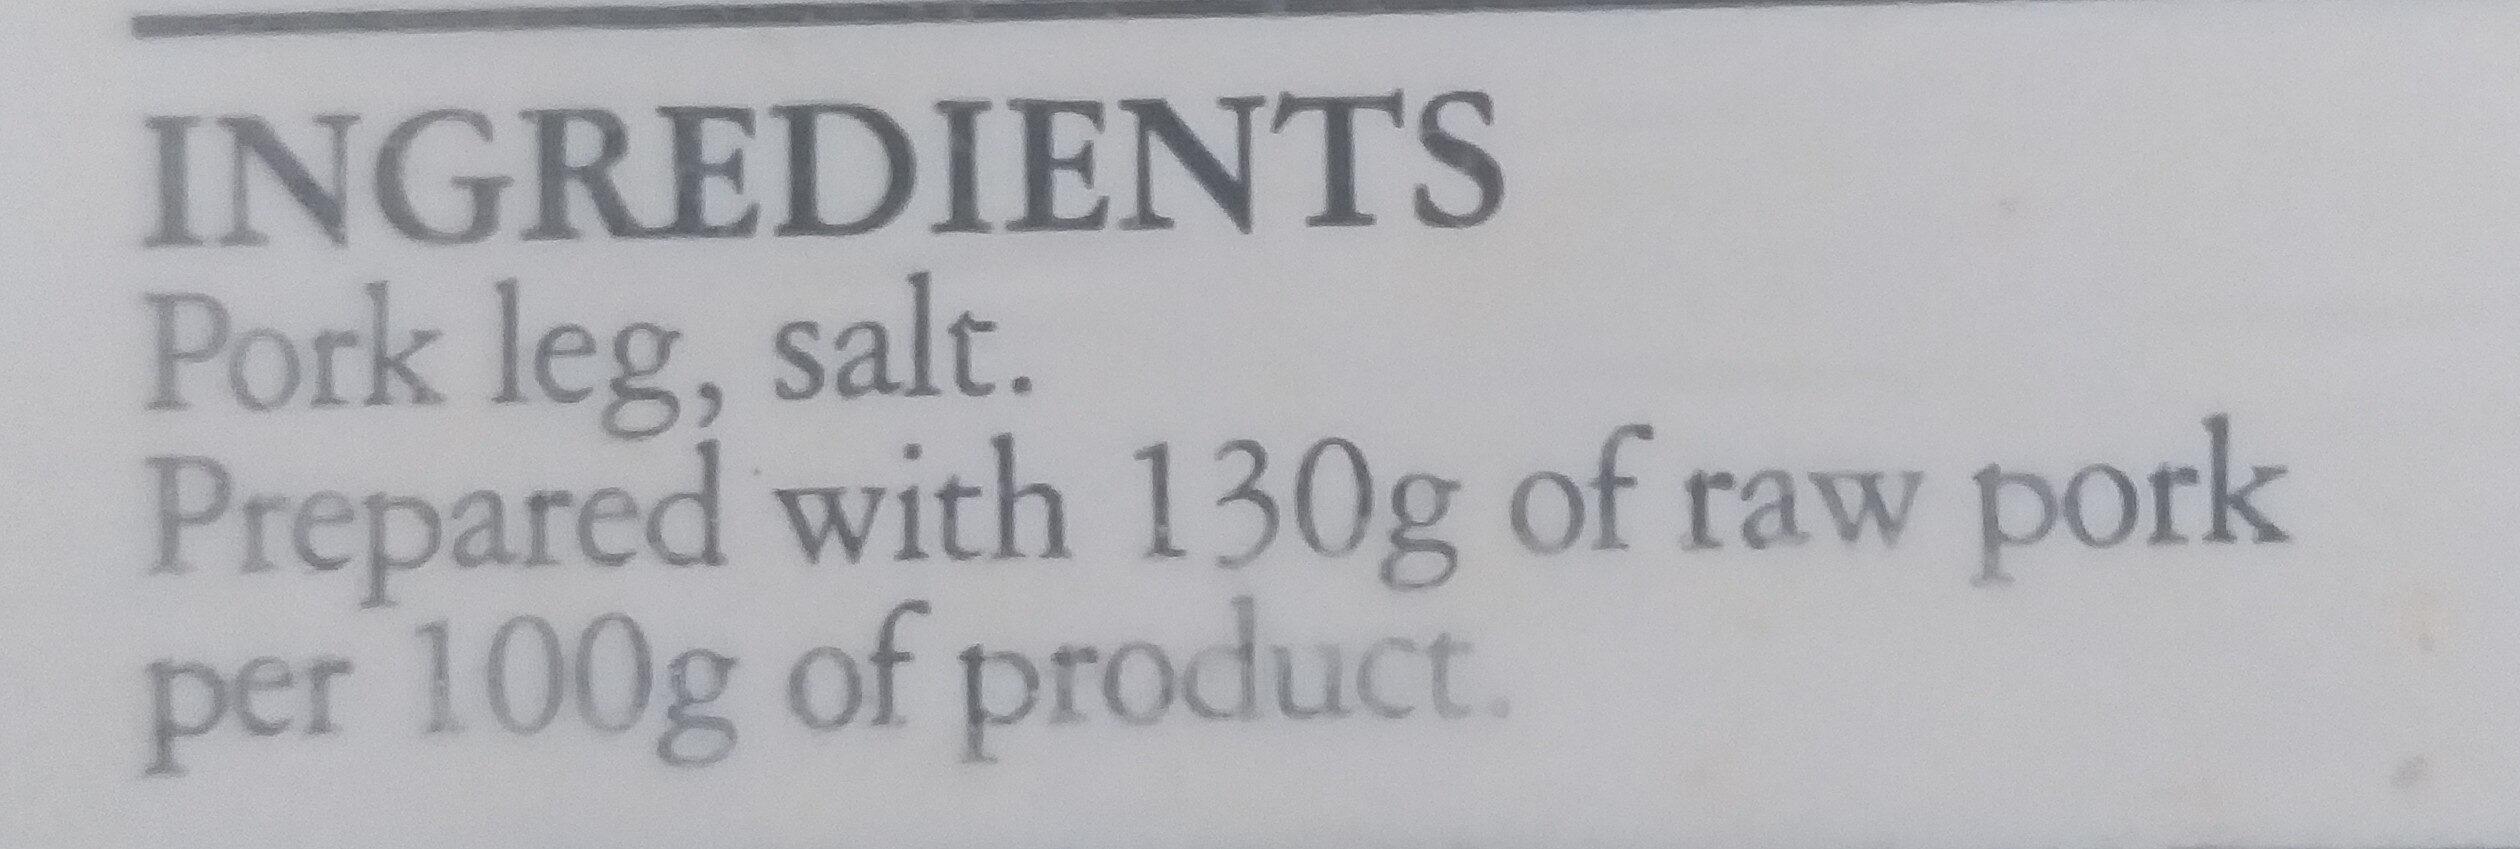 Prosciutto Crudo - Ingredients - en